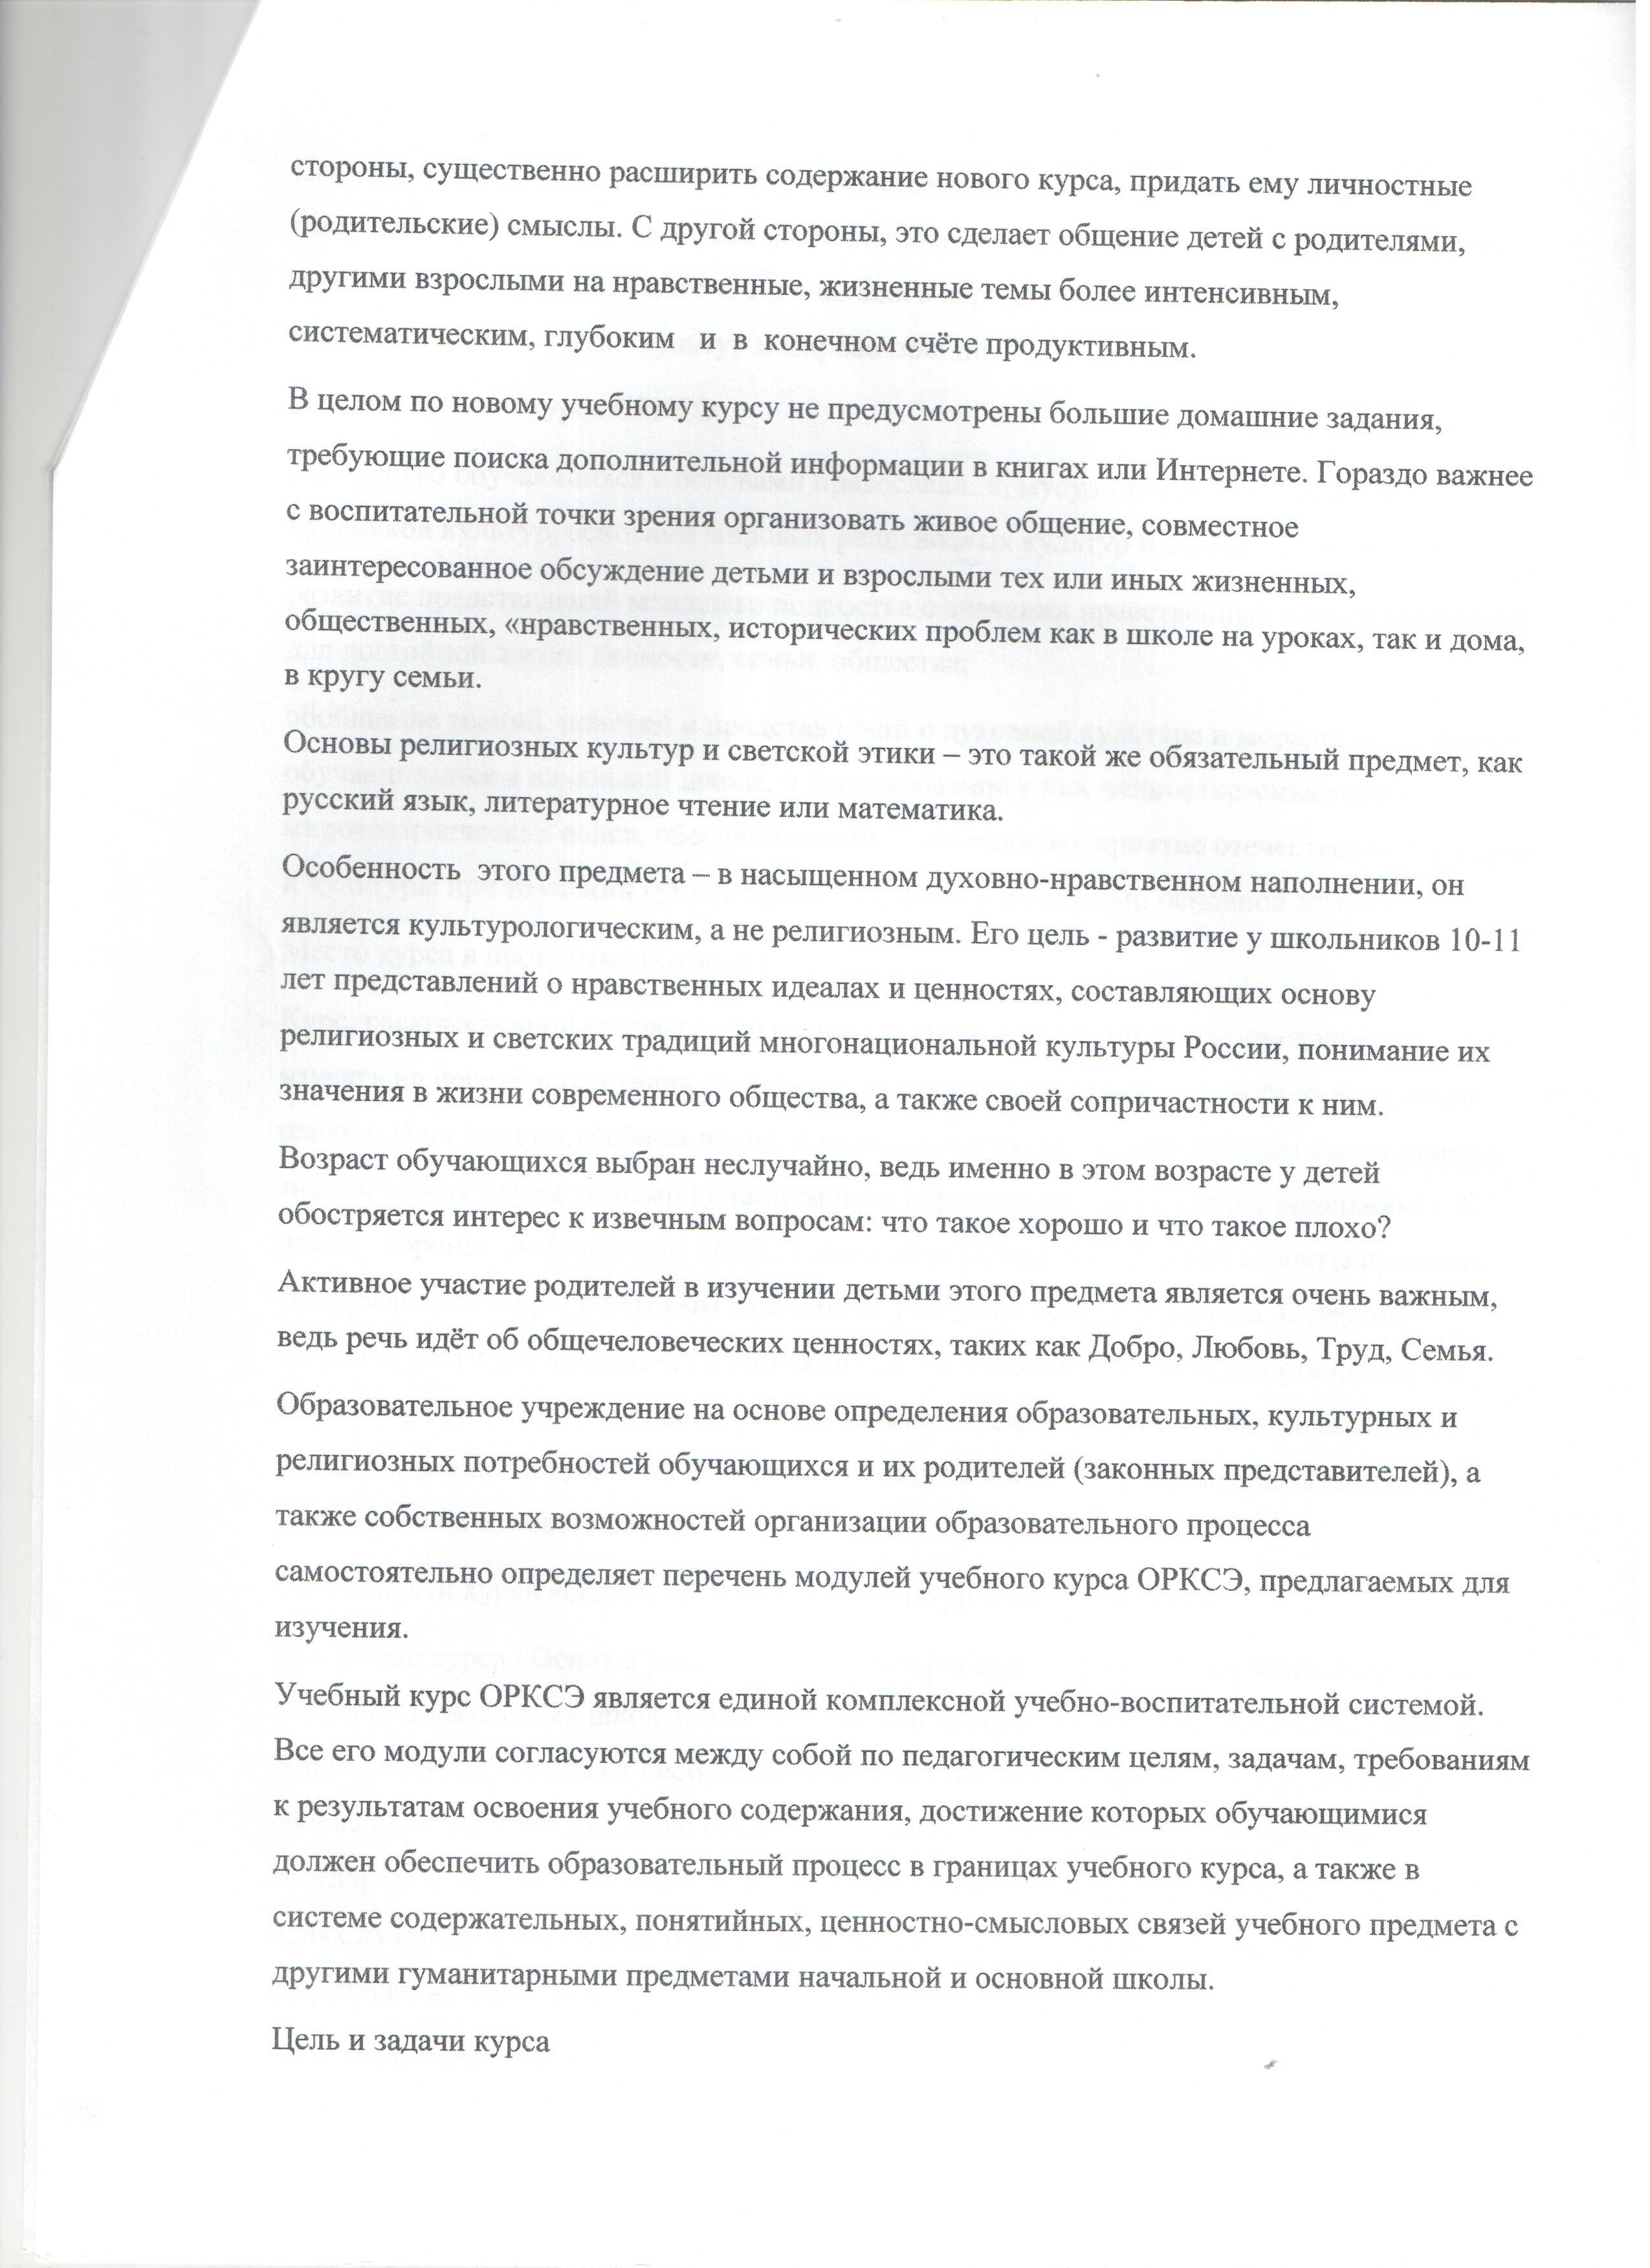 C:\Users\Gulik\Desktop\учитель года 2016 Резеда\резеда дипломы достижения\доклад\Доклад ОРКСЭ 3 нче бит 001.jpg